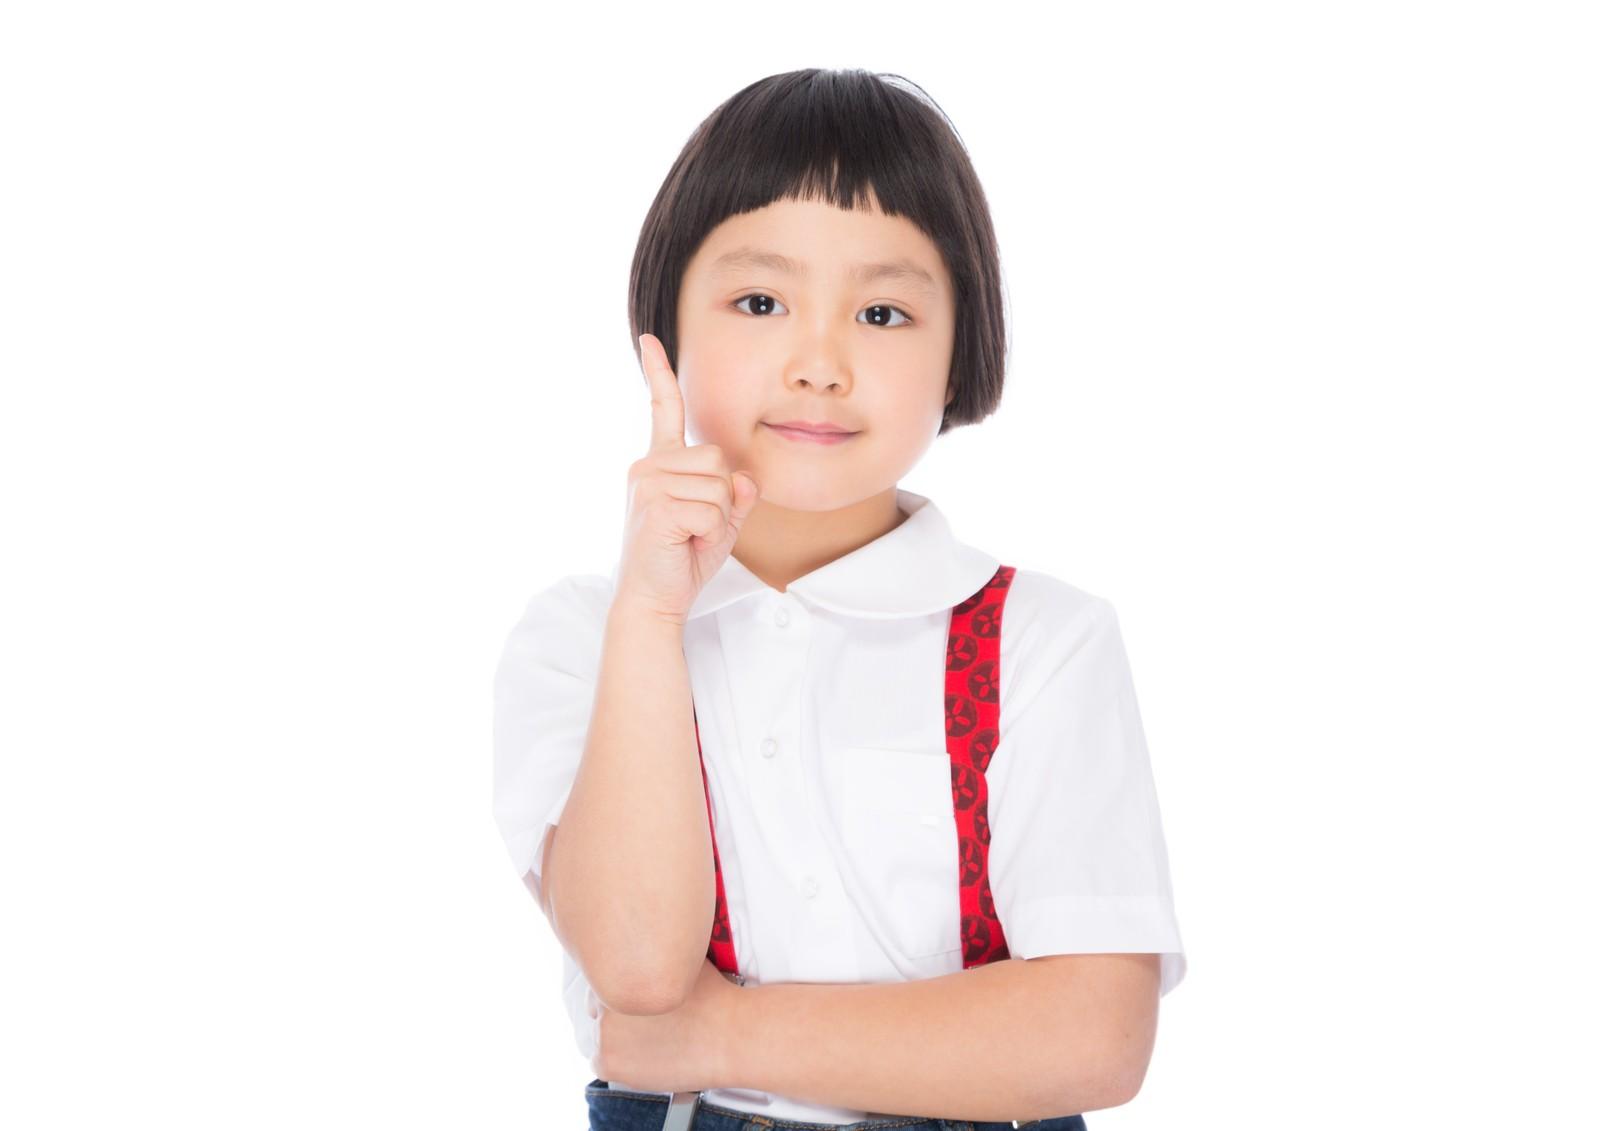 【幼稚園選び】後悔しないために必要なたった1つのこと〜対処法も伝授〜